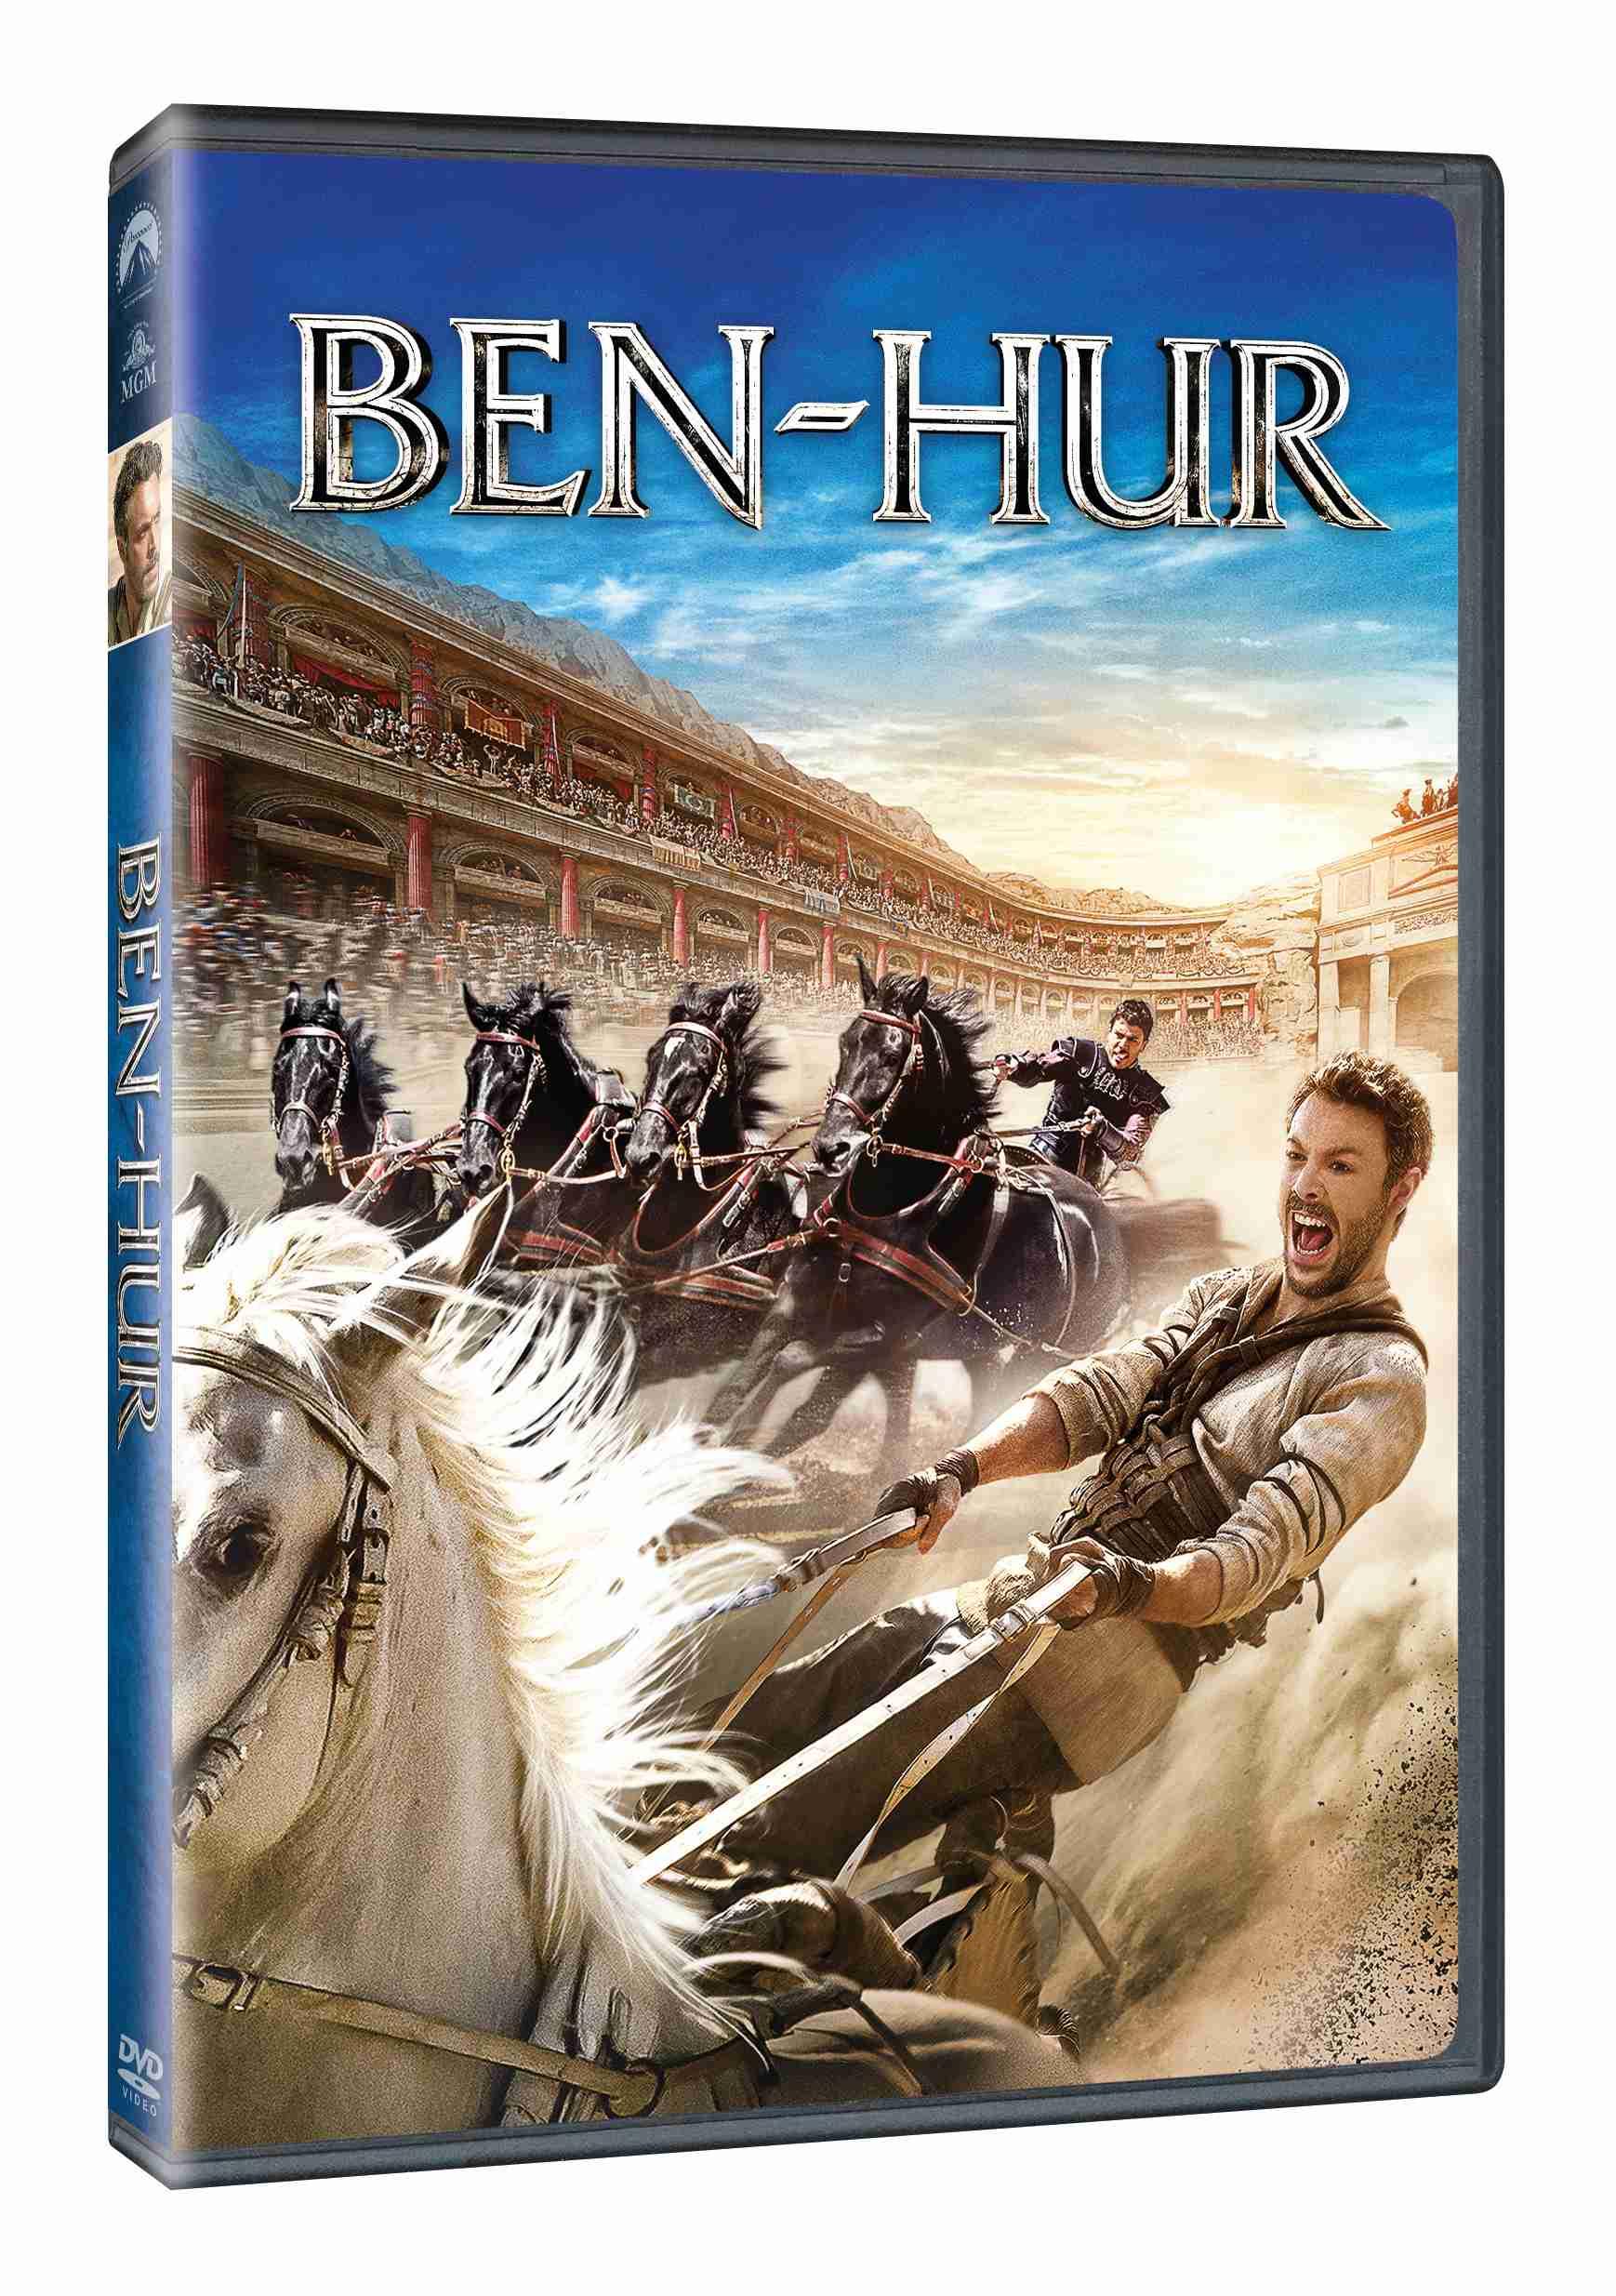 BEN HUR (2016) - DVD